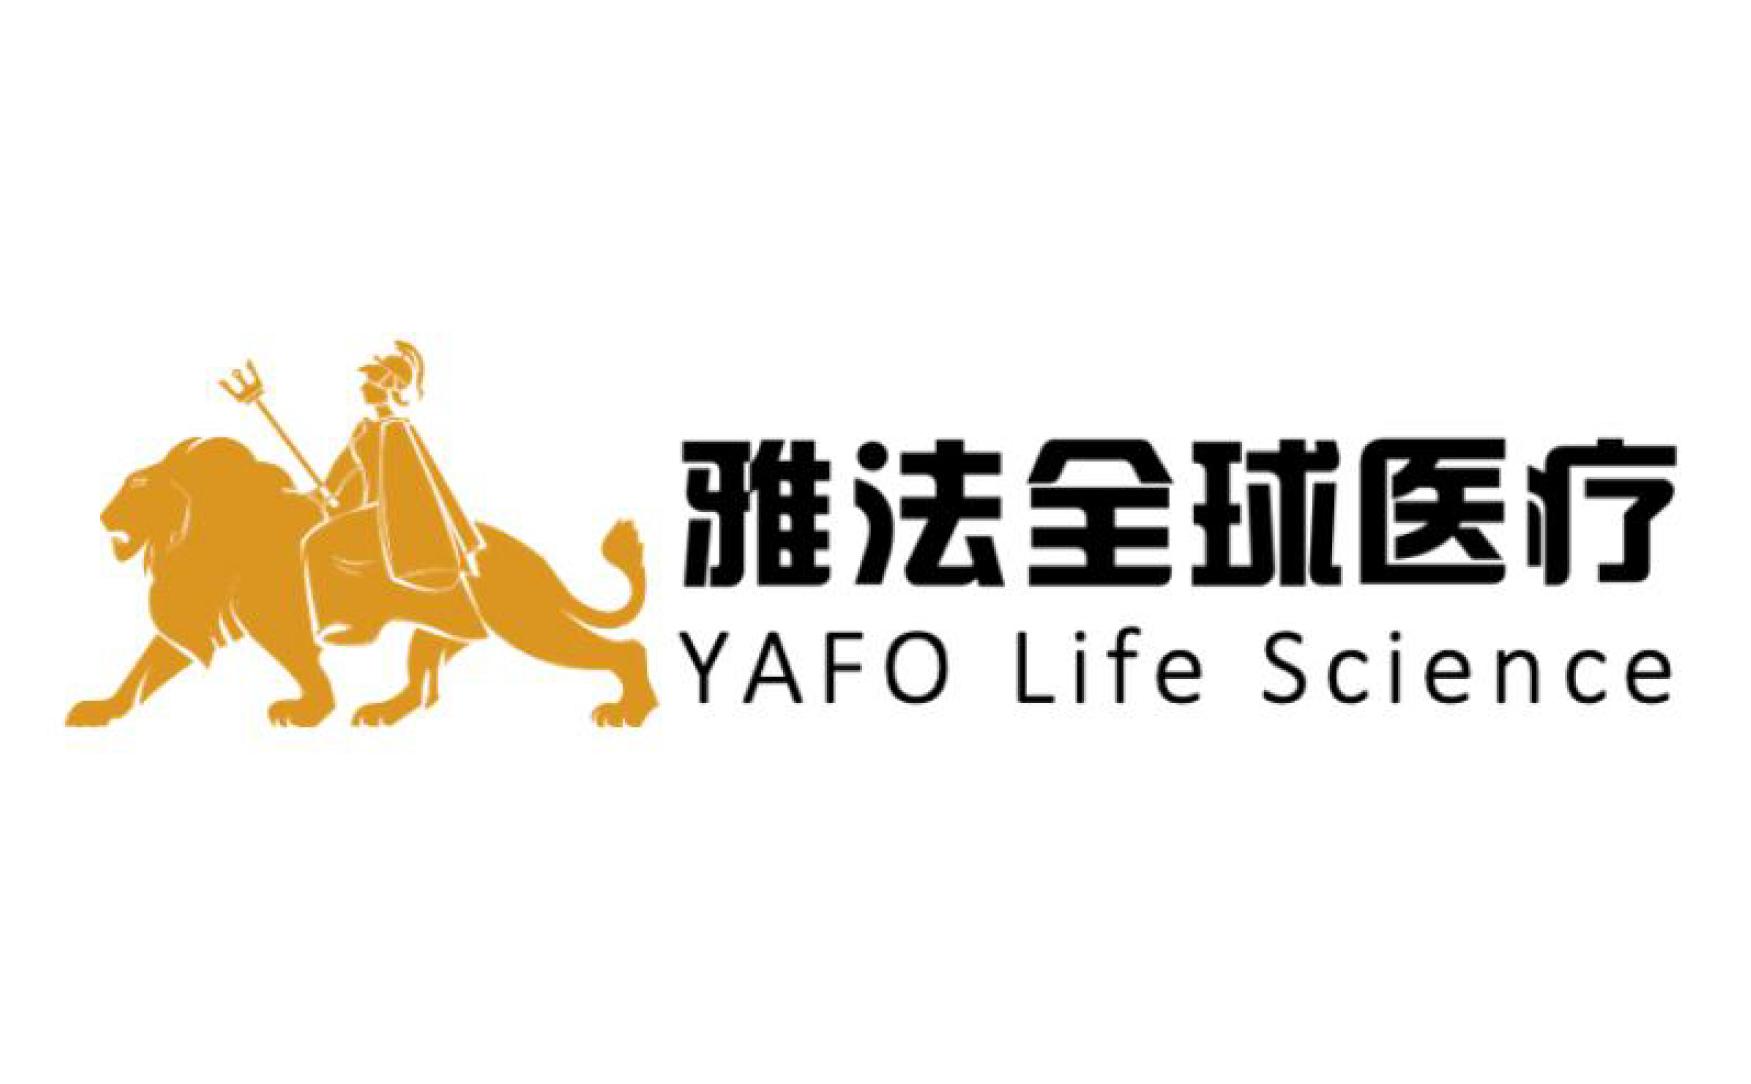 雅法全球医疗(YAFO Life Science)